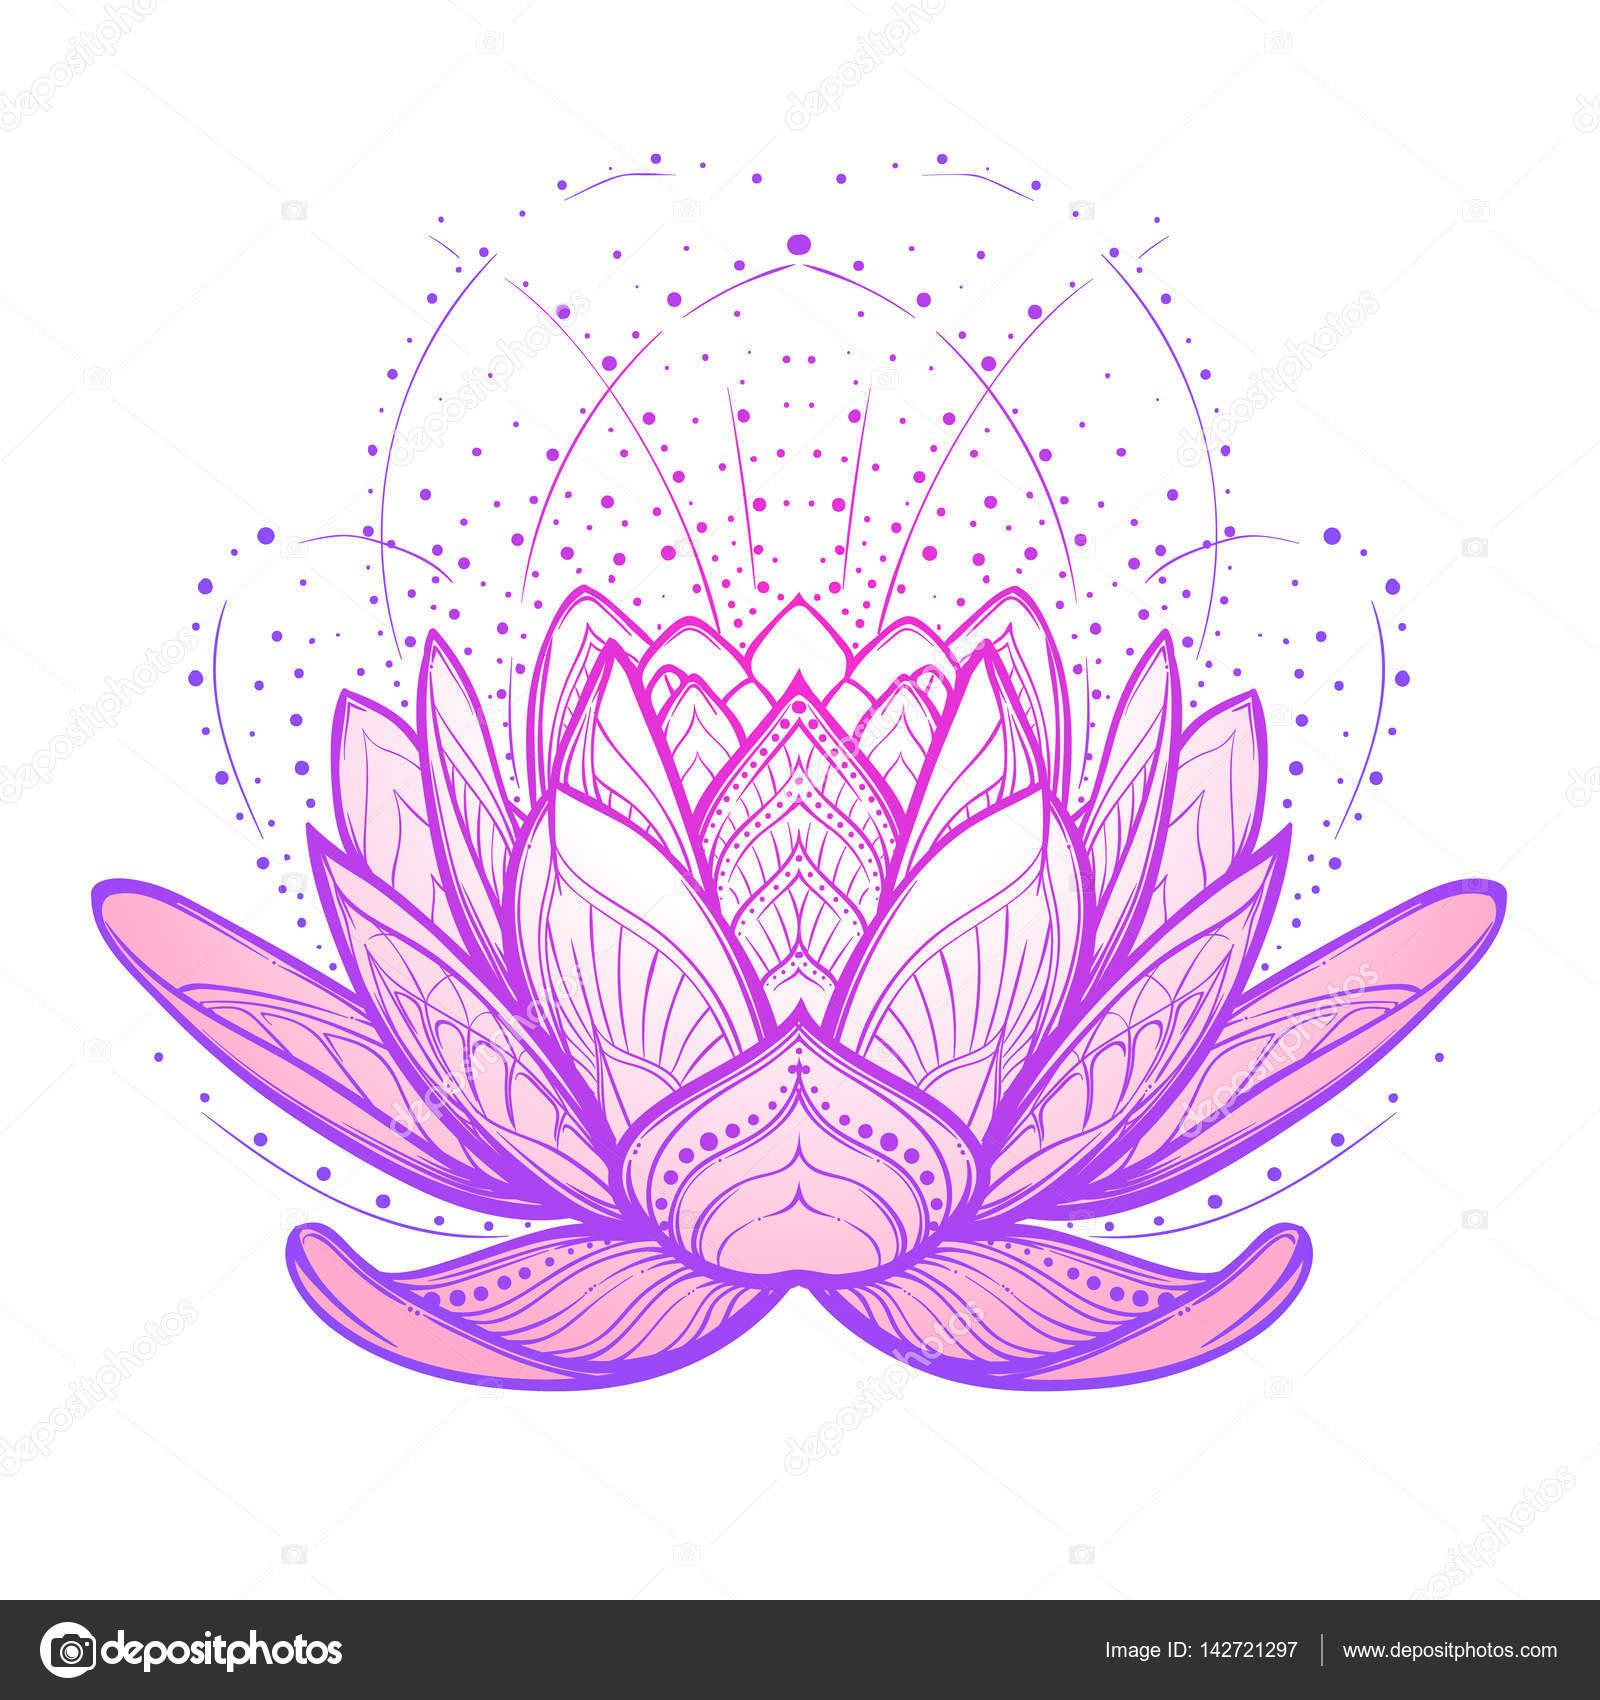 Flor de loto. Intrincado dibujo lineal estilizada aislada sobre ...